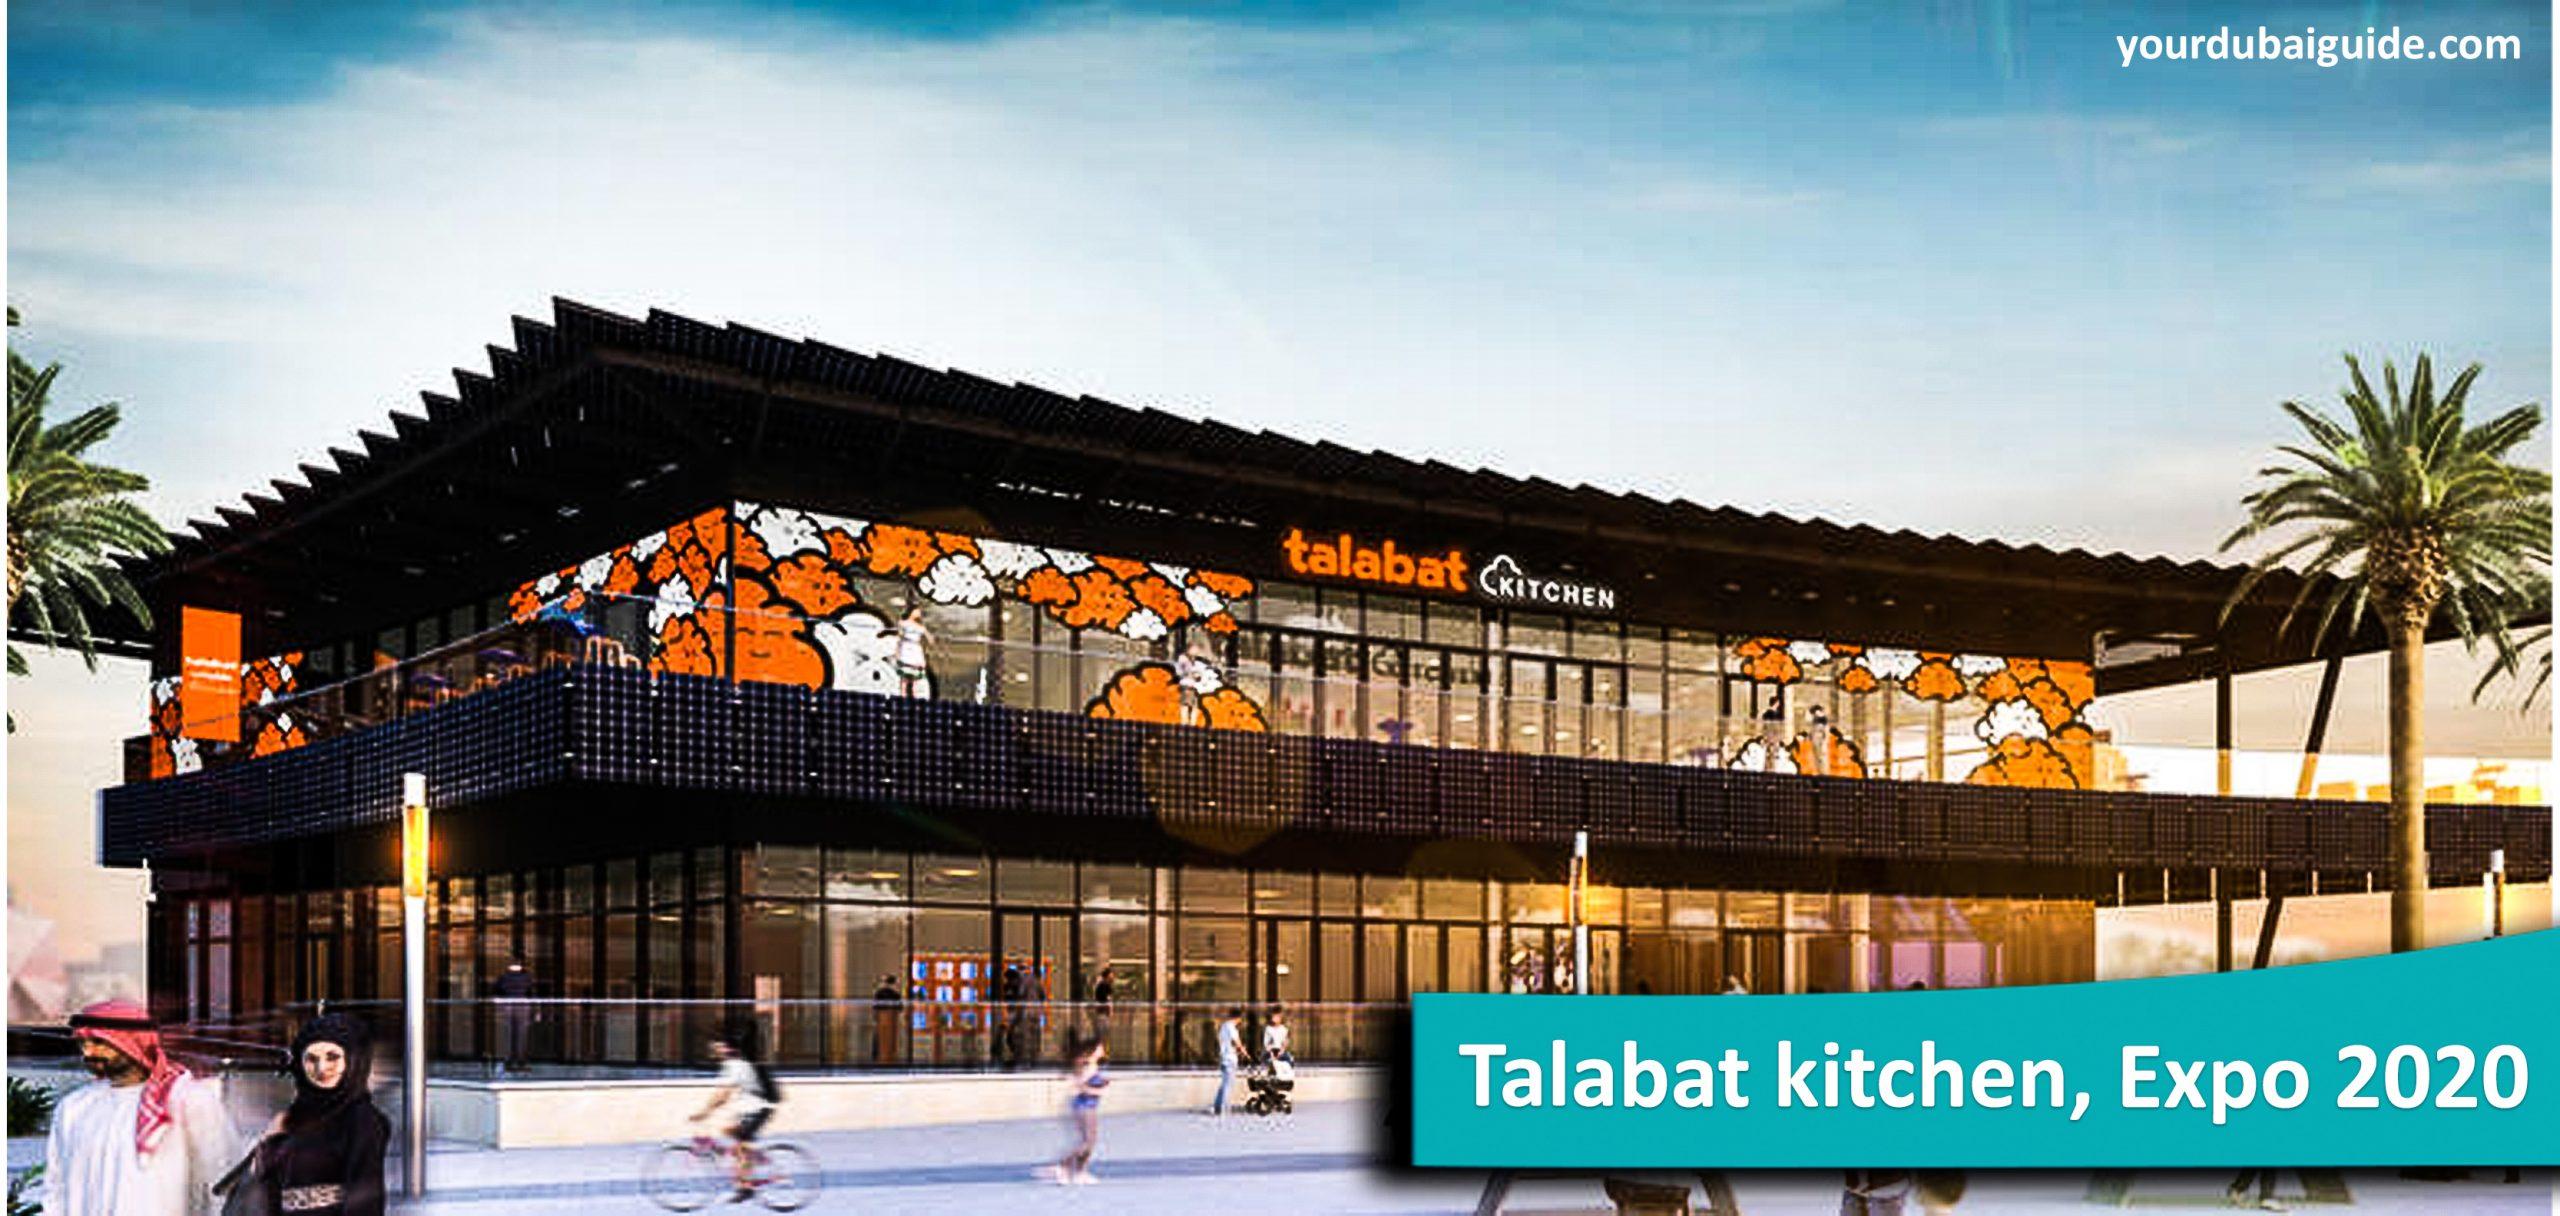 Talabat kitchen at Expo 2020, Dubai